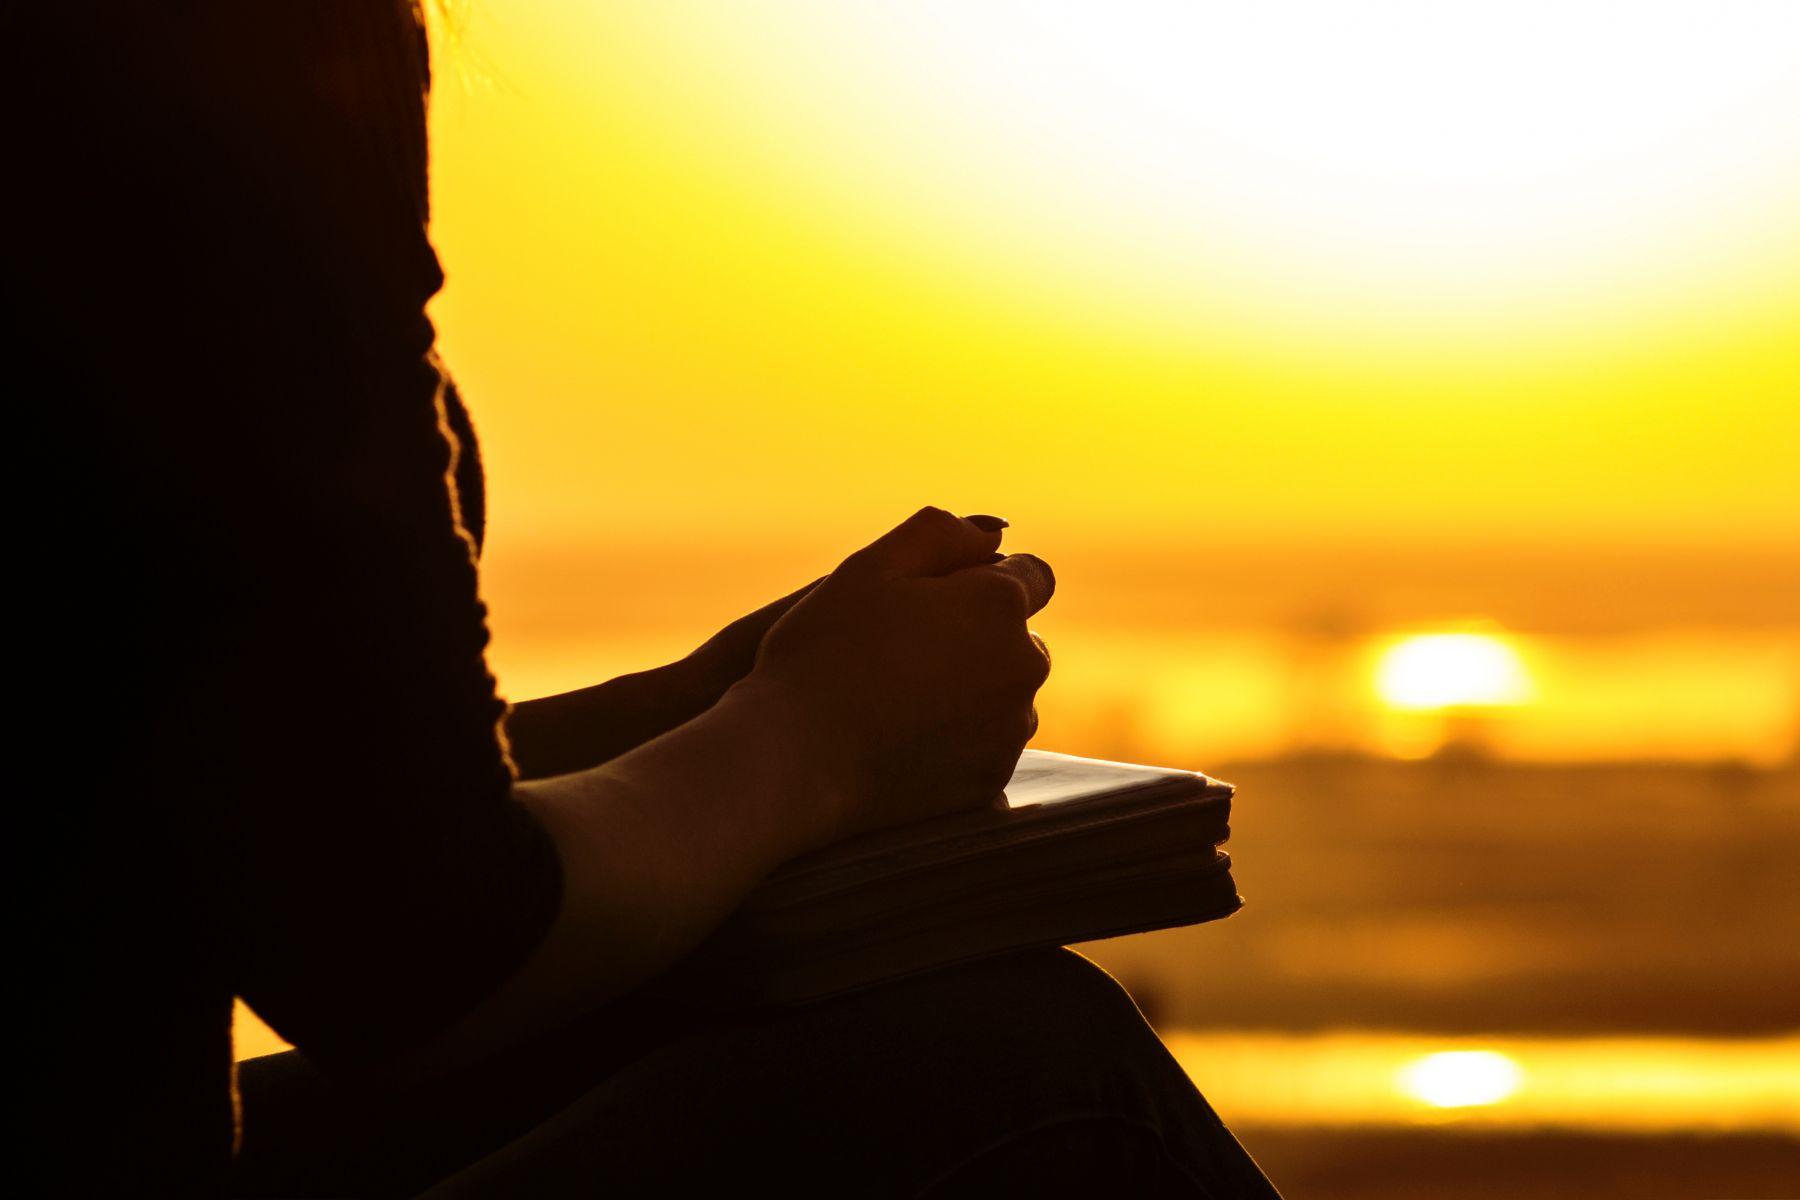 學習接住他人,成為真正的大人!張曼娟:把情緒抽離,練出臂力、耐力、慈悲力